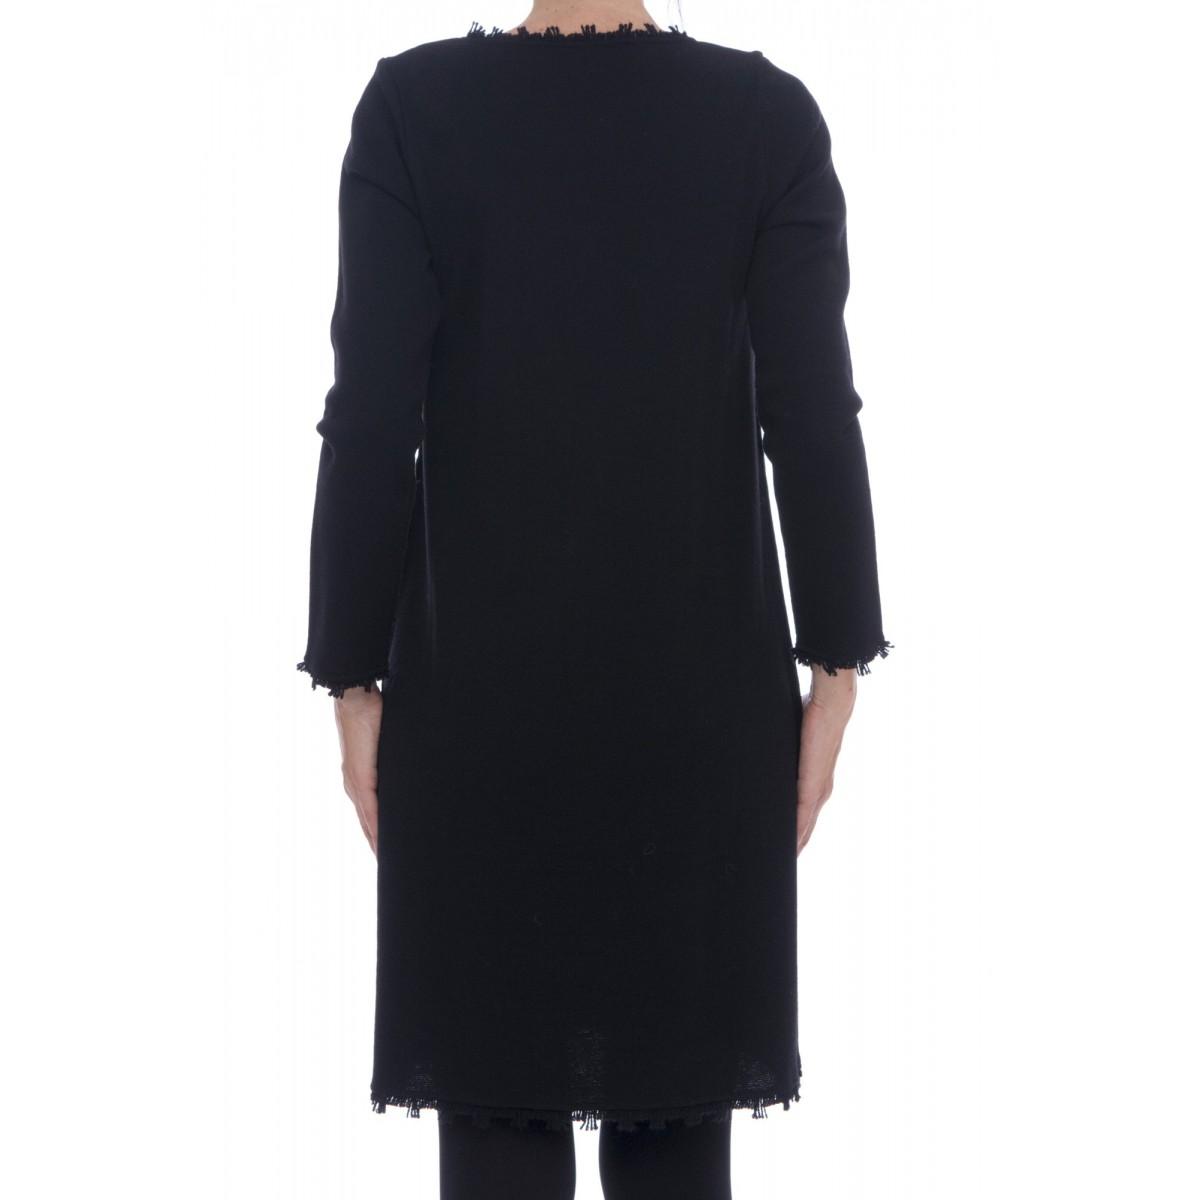 Vestito corto donna Kangra - 2550/12 vestito frangia